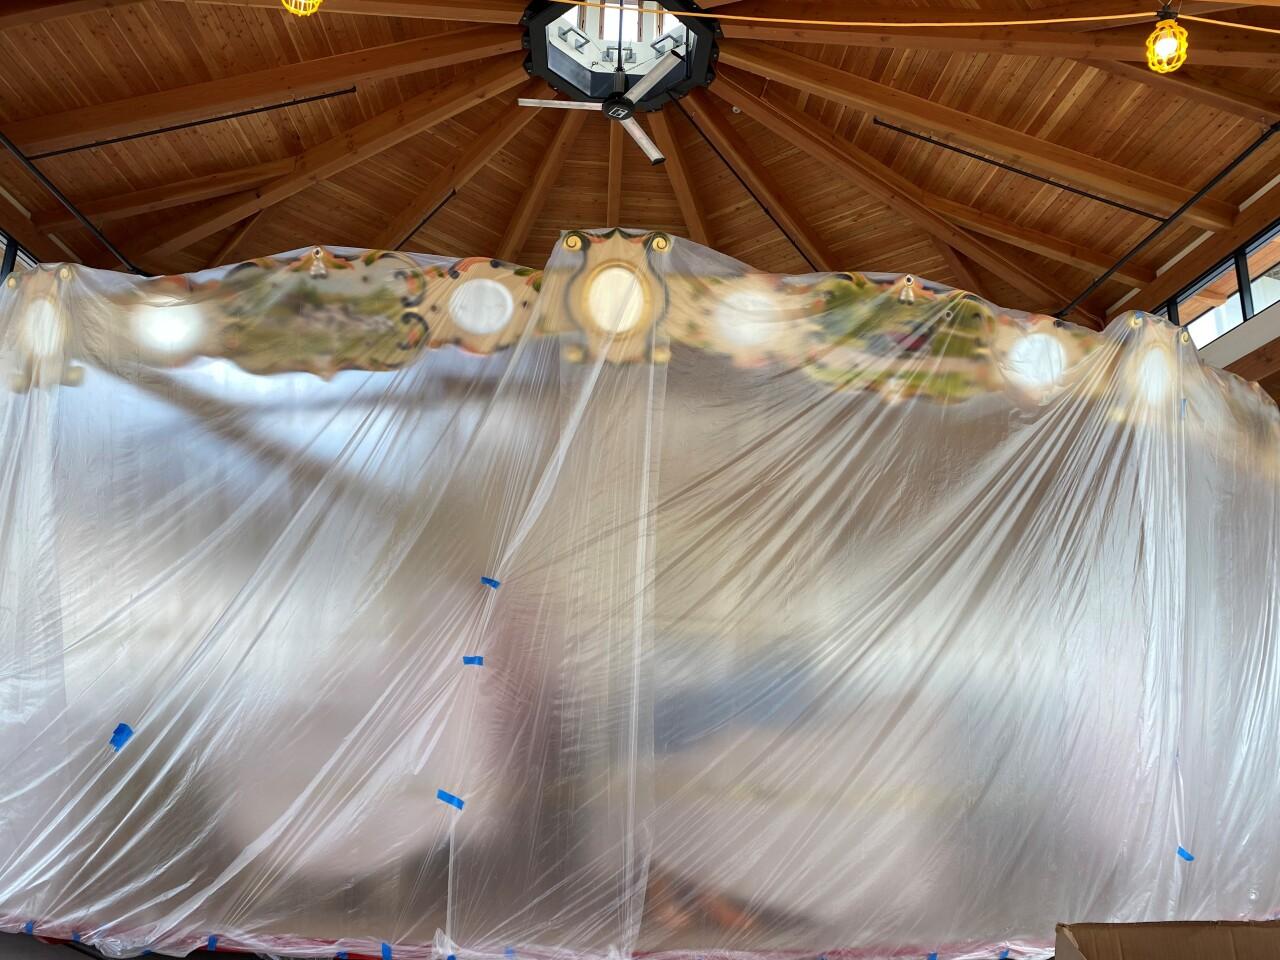 carousel dust cover.jpg